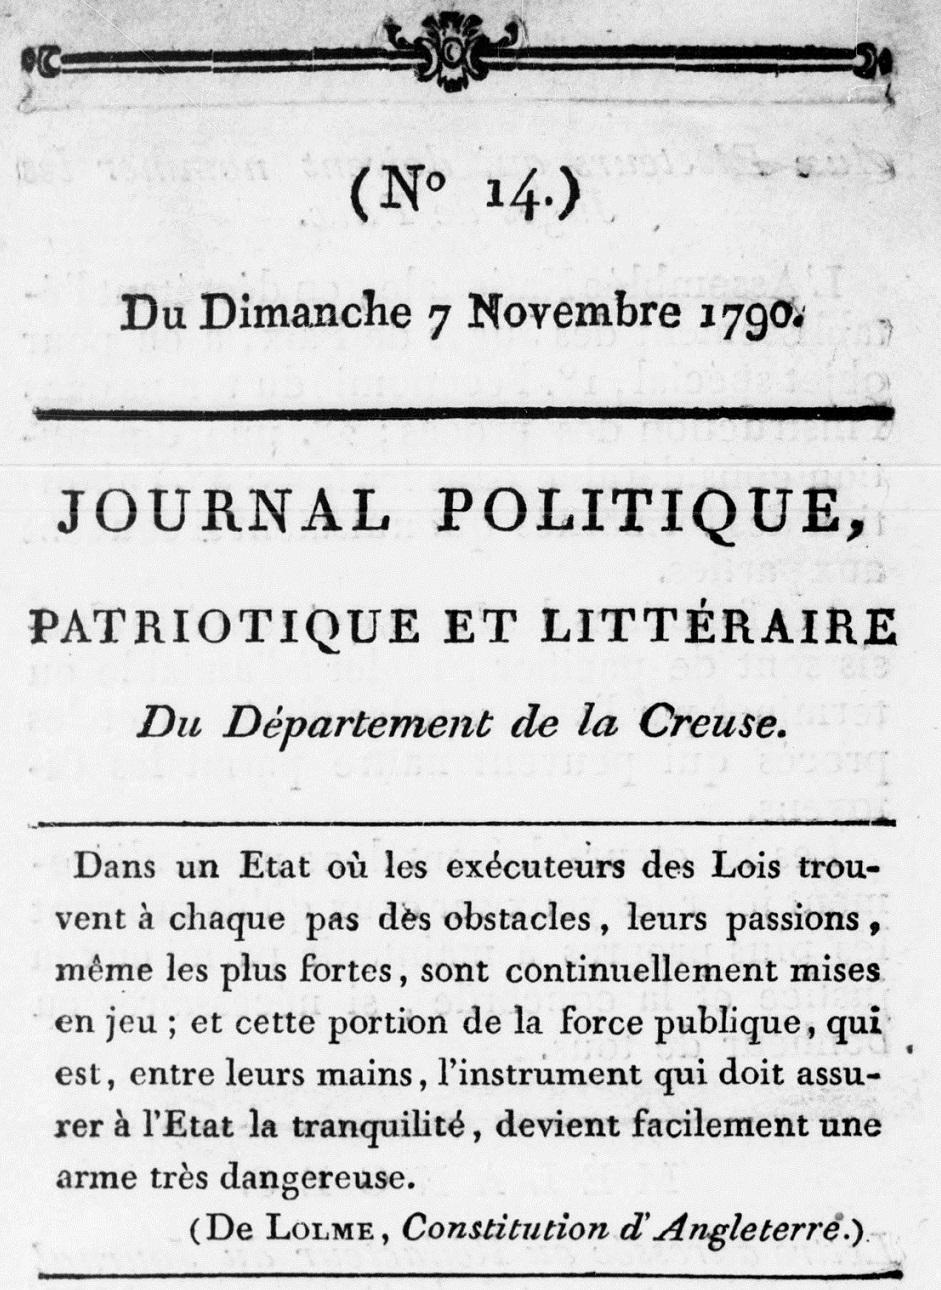 Photo (BnF / Gallica) de : Journal politique, patriotique et littéraire du département de la Creuse. Guéret, 1790-1791. ISSN 1964-0730.